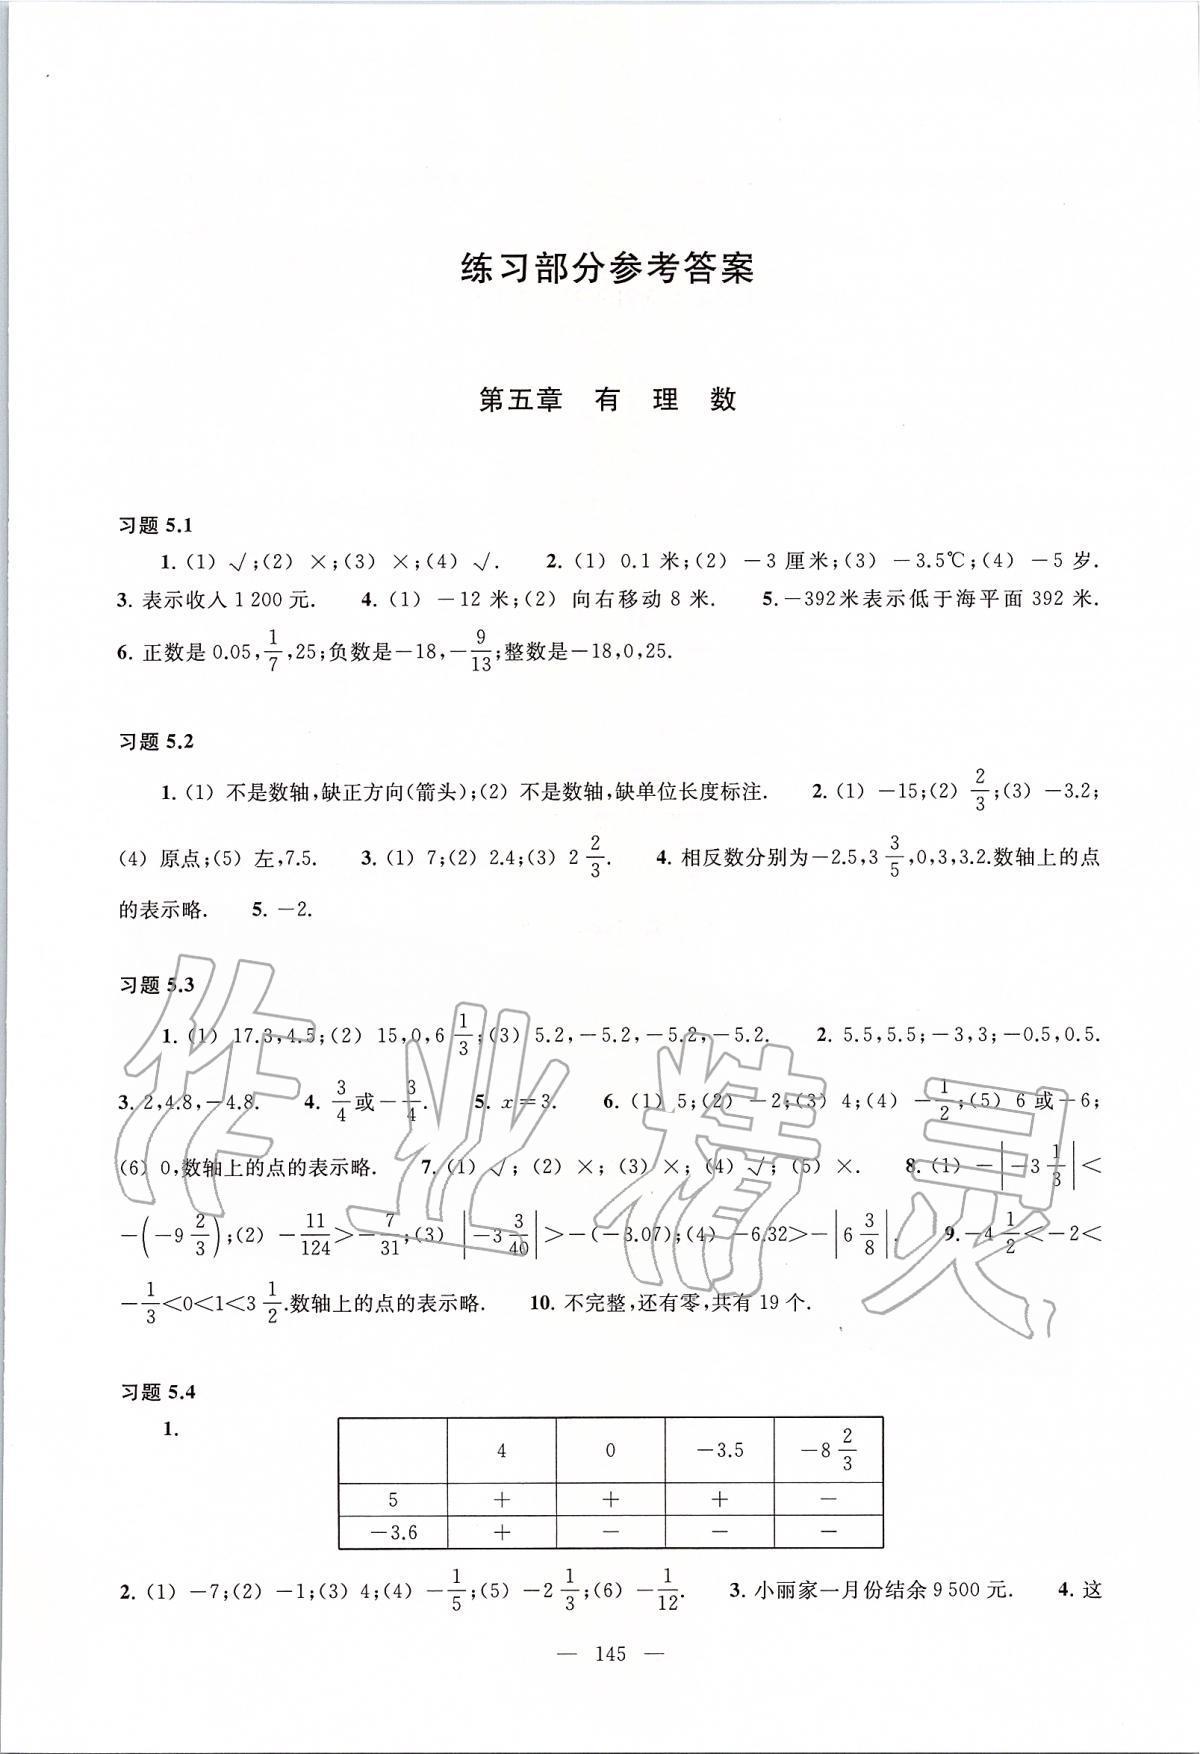 2020年数学练习部分六年级第二学期沪教版第1页